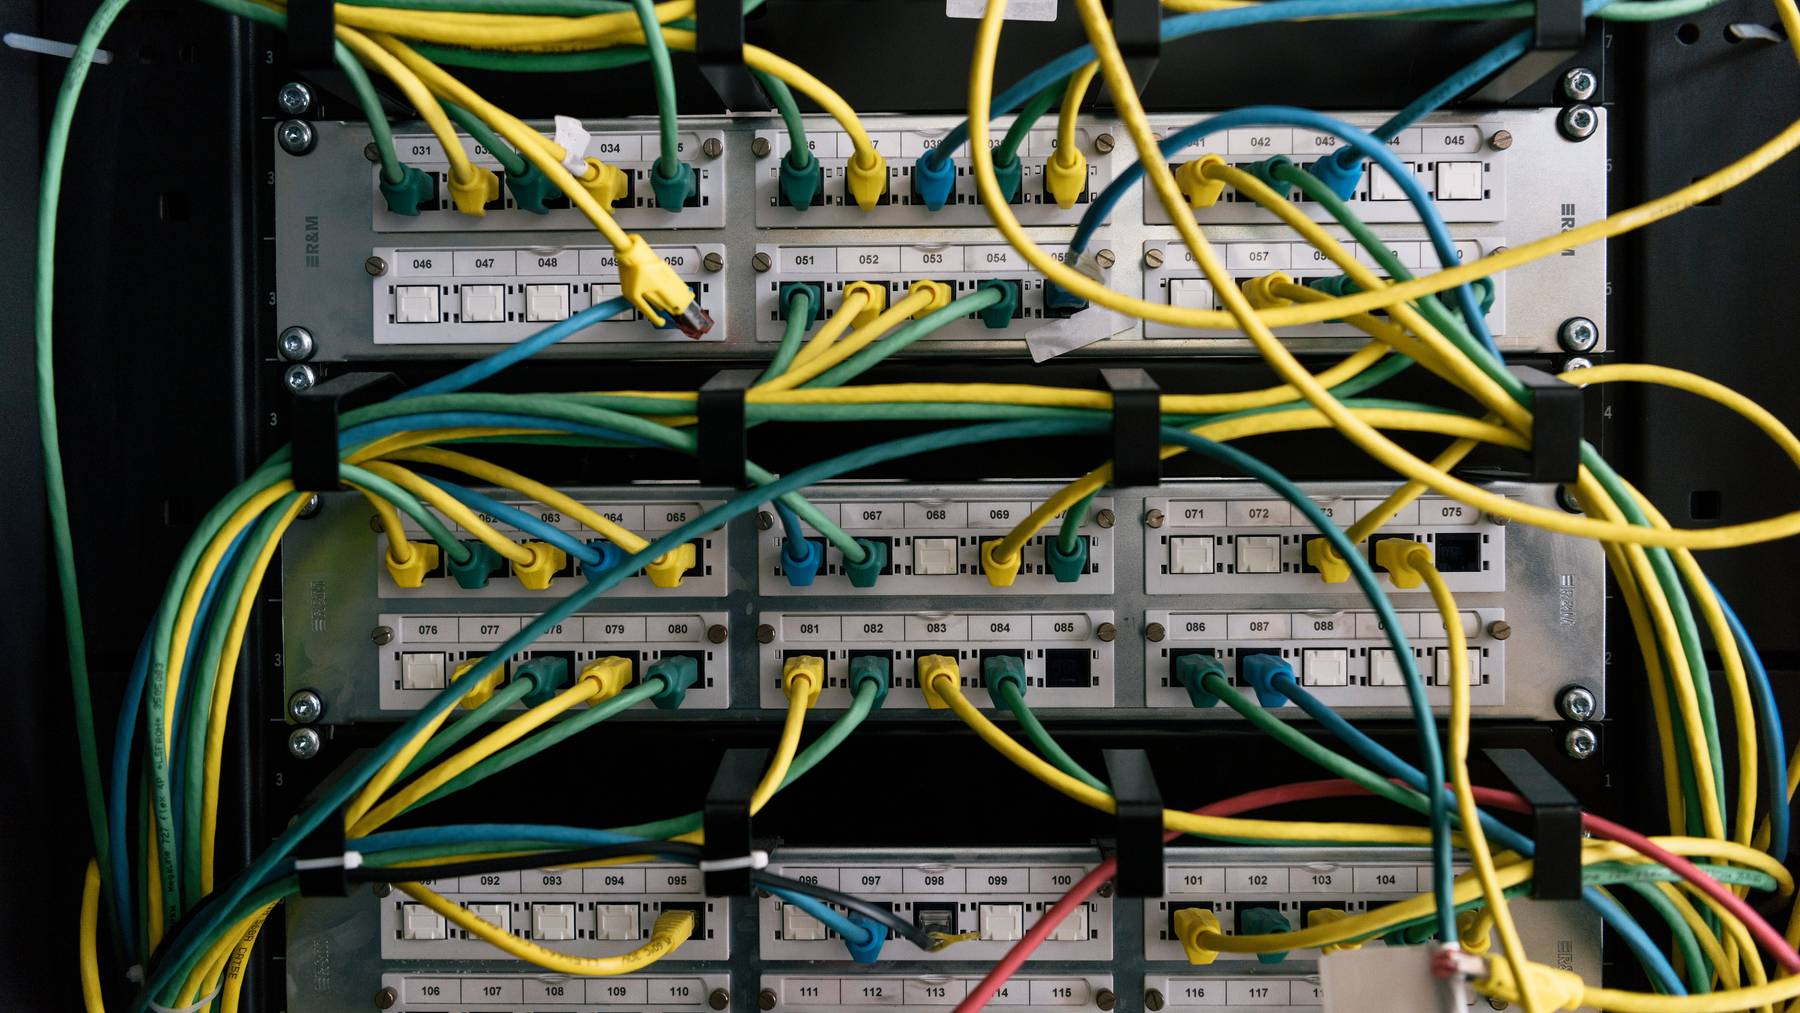 Bundesverwaltung und Armee müssen ihre Informatiksysteme erneuern. (Symbolbild)